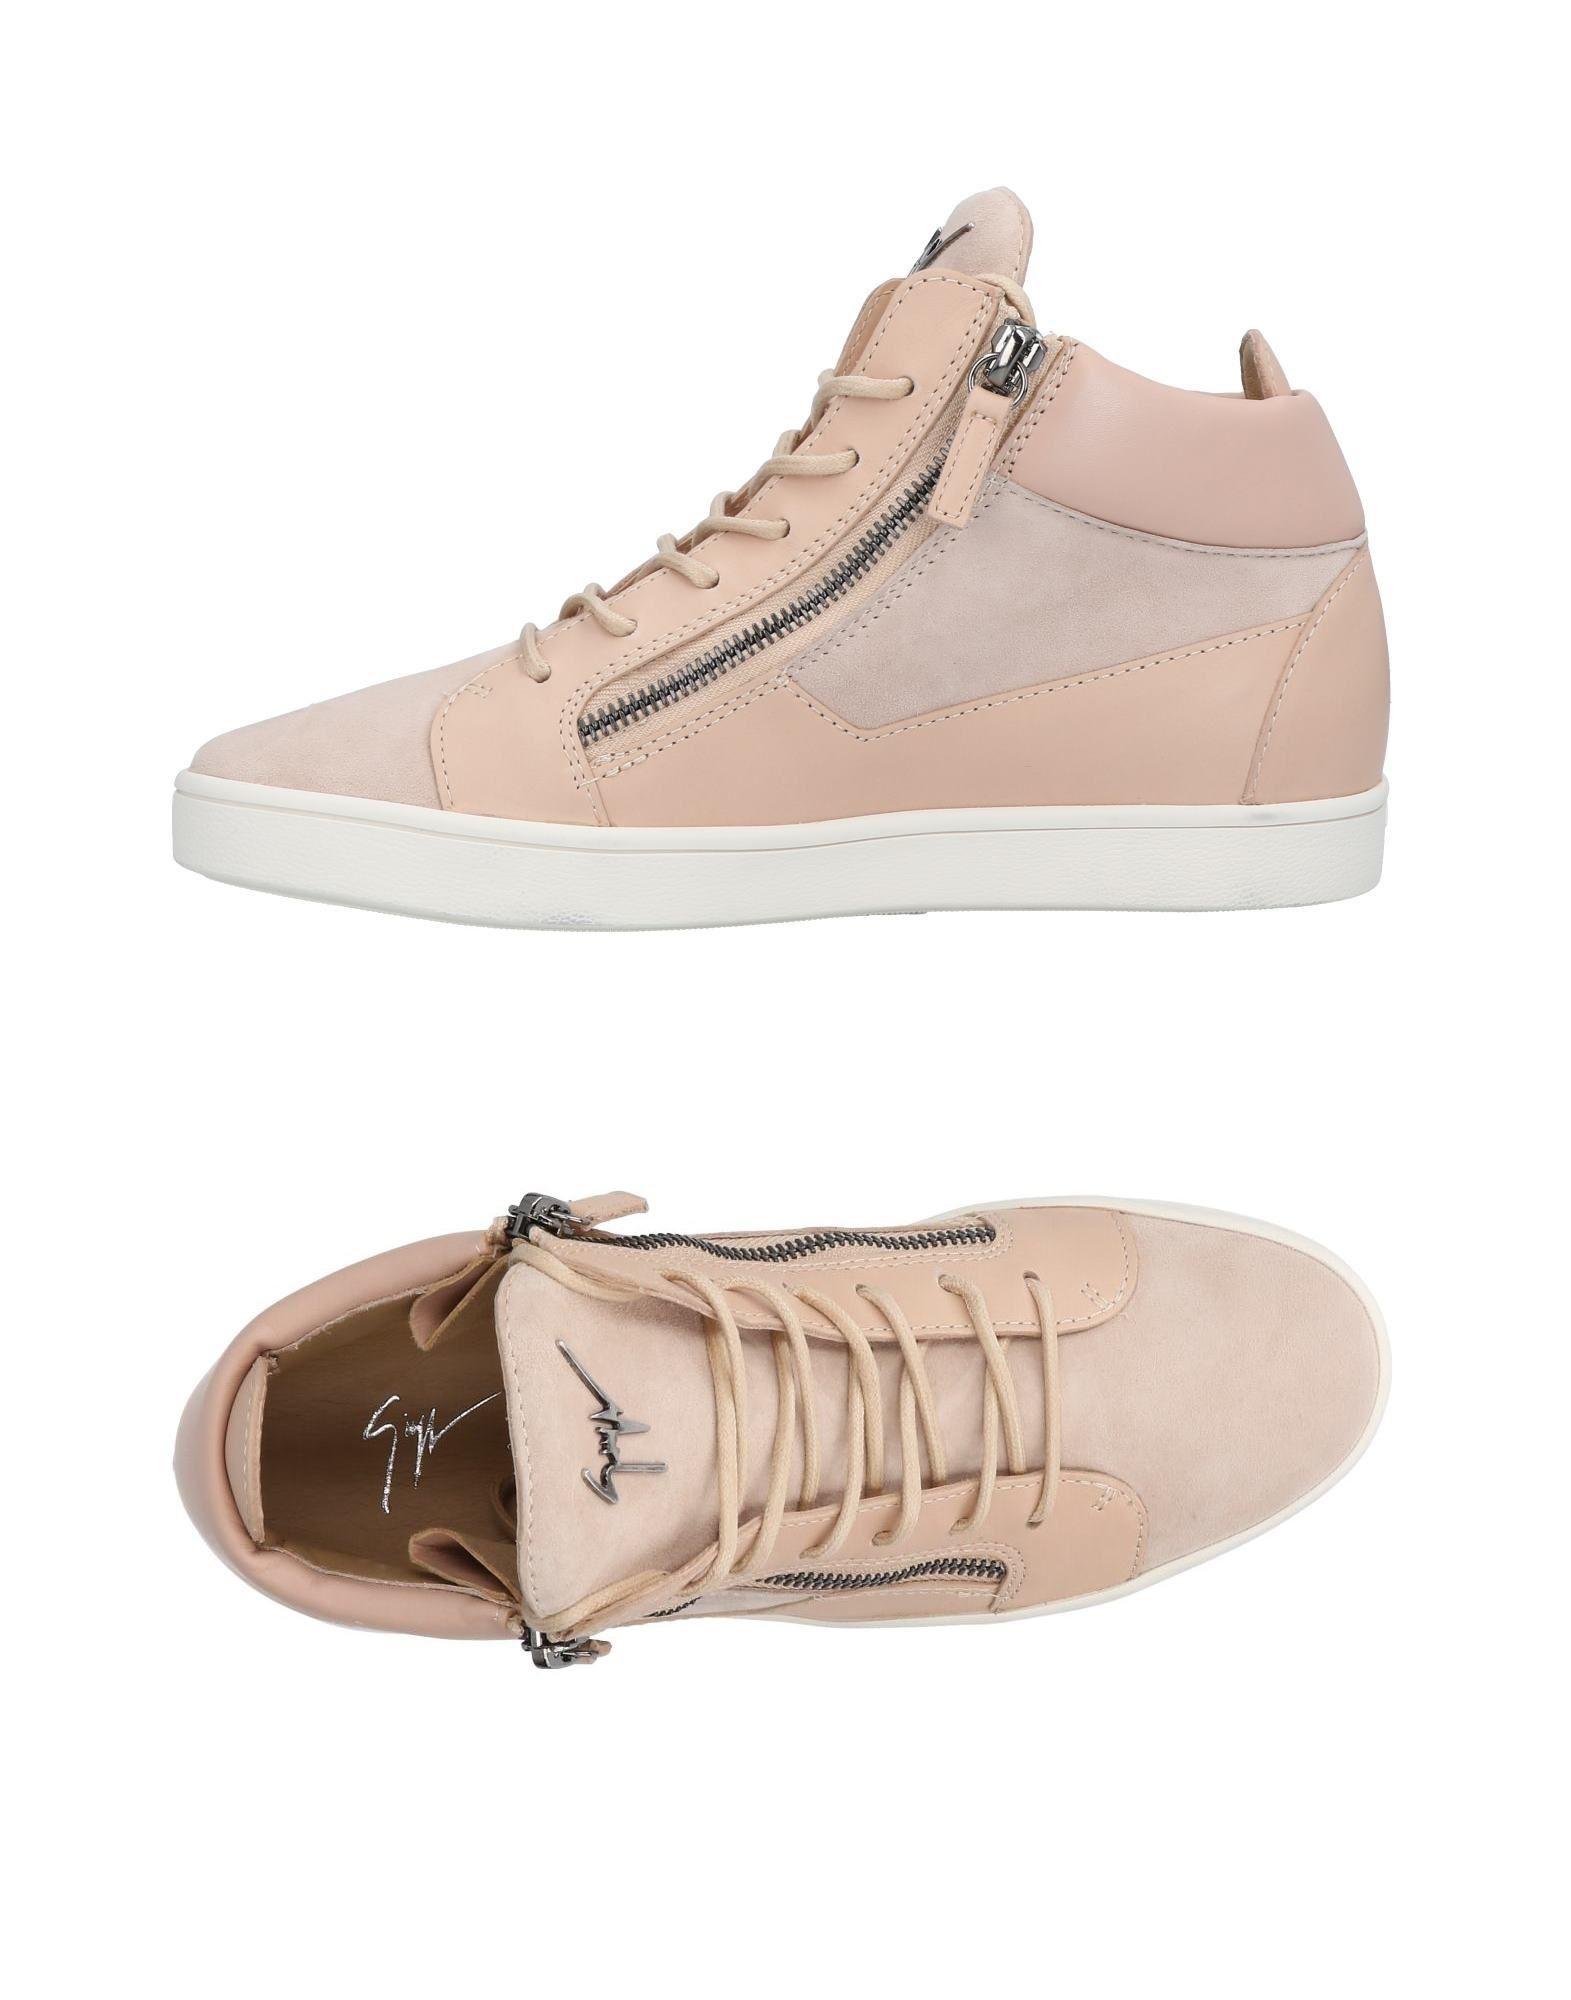 Giuseppe Zanotti Sneakers - Women on Giuseppe Zanotti Sneakers online on Women  Canada - 11479792PX 88b9da